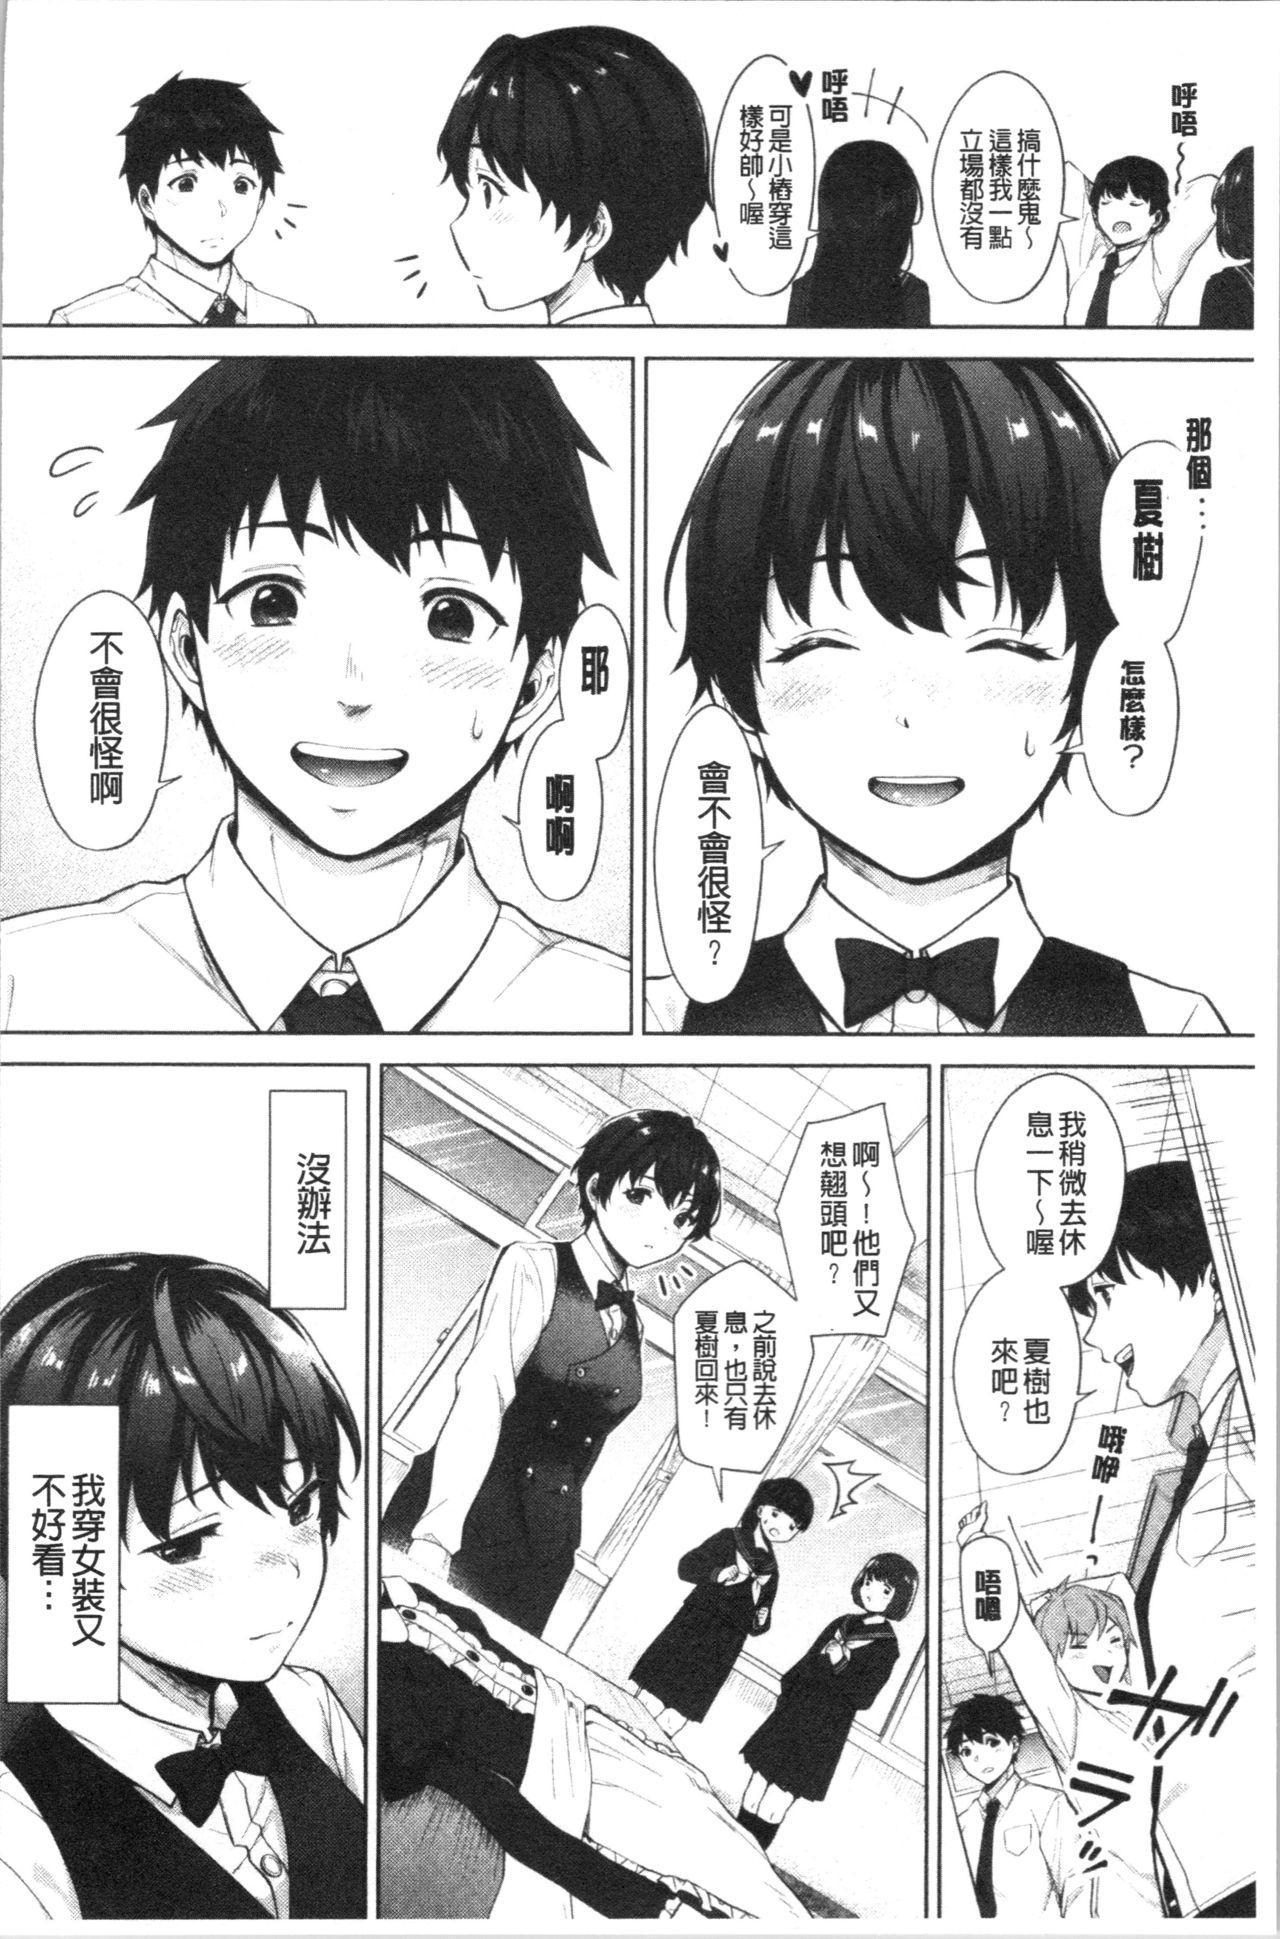 #Echi Echi Joshi to Tsunagaritai | #好色淫蕩女子想和她搞一下 136